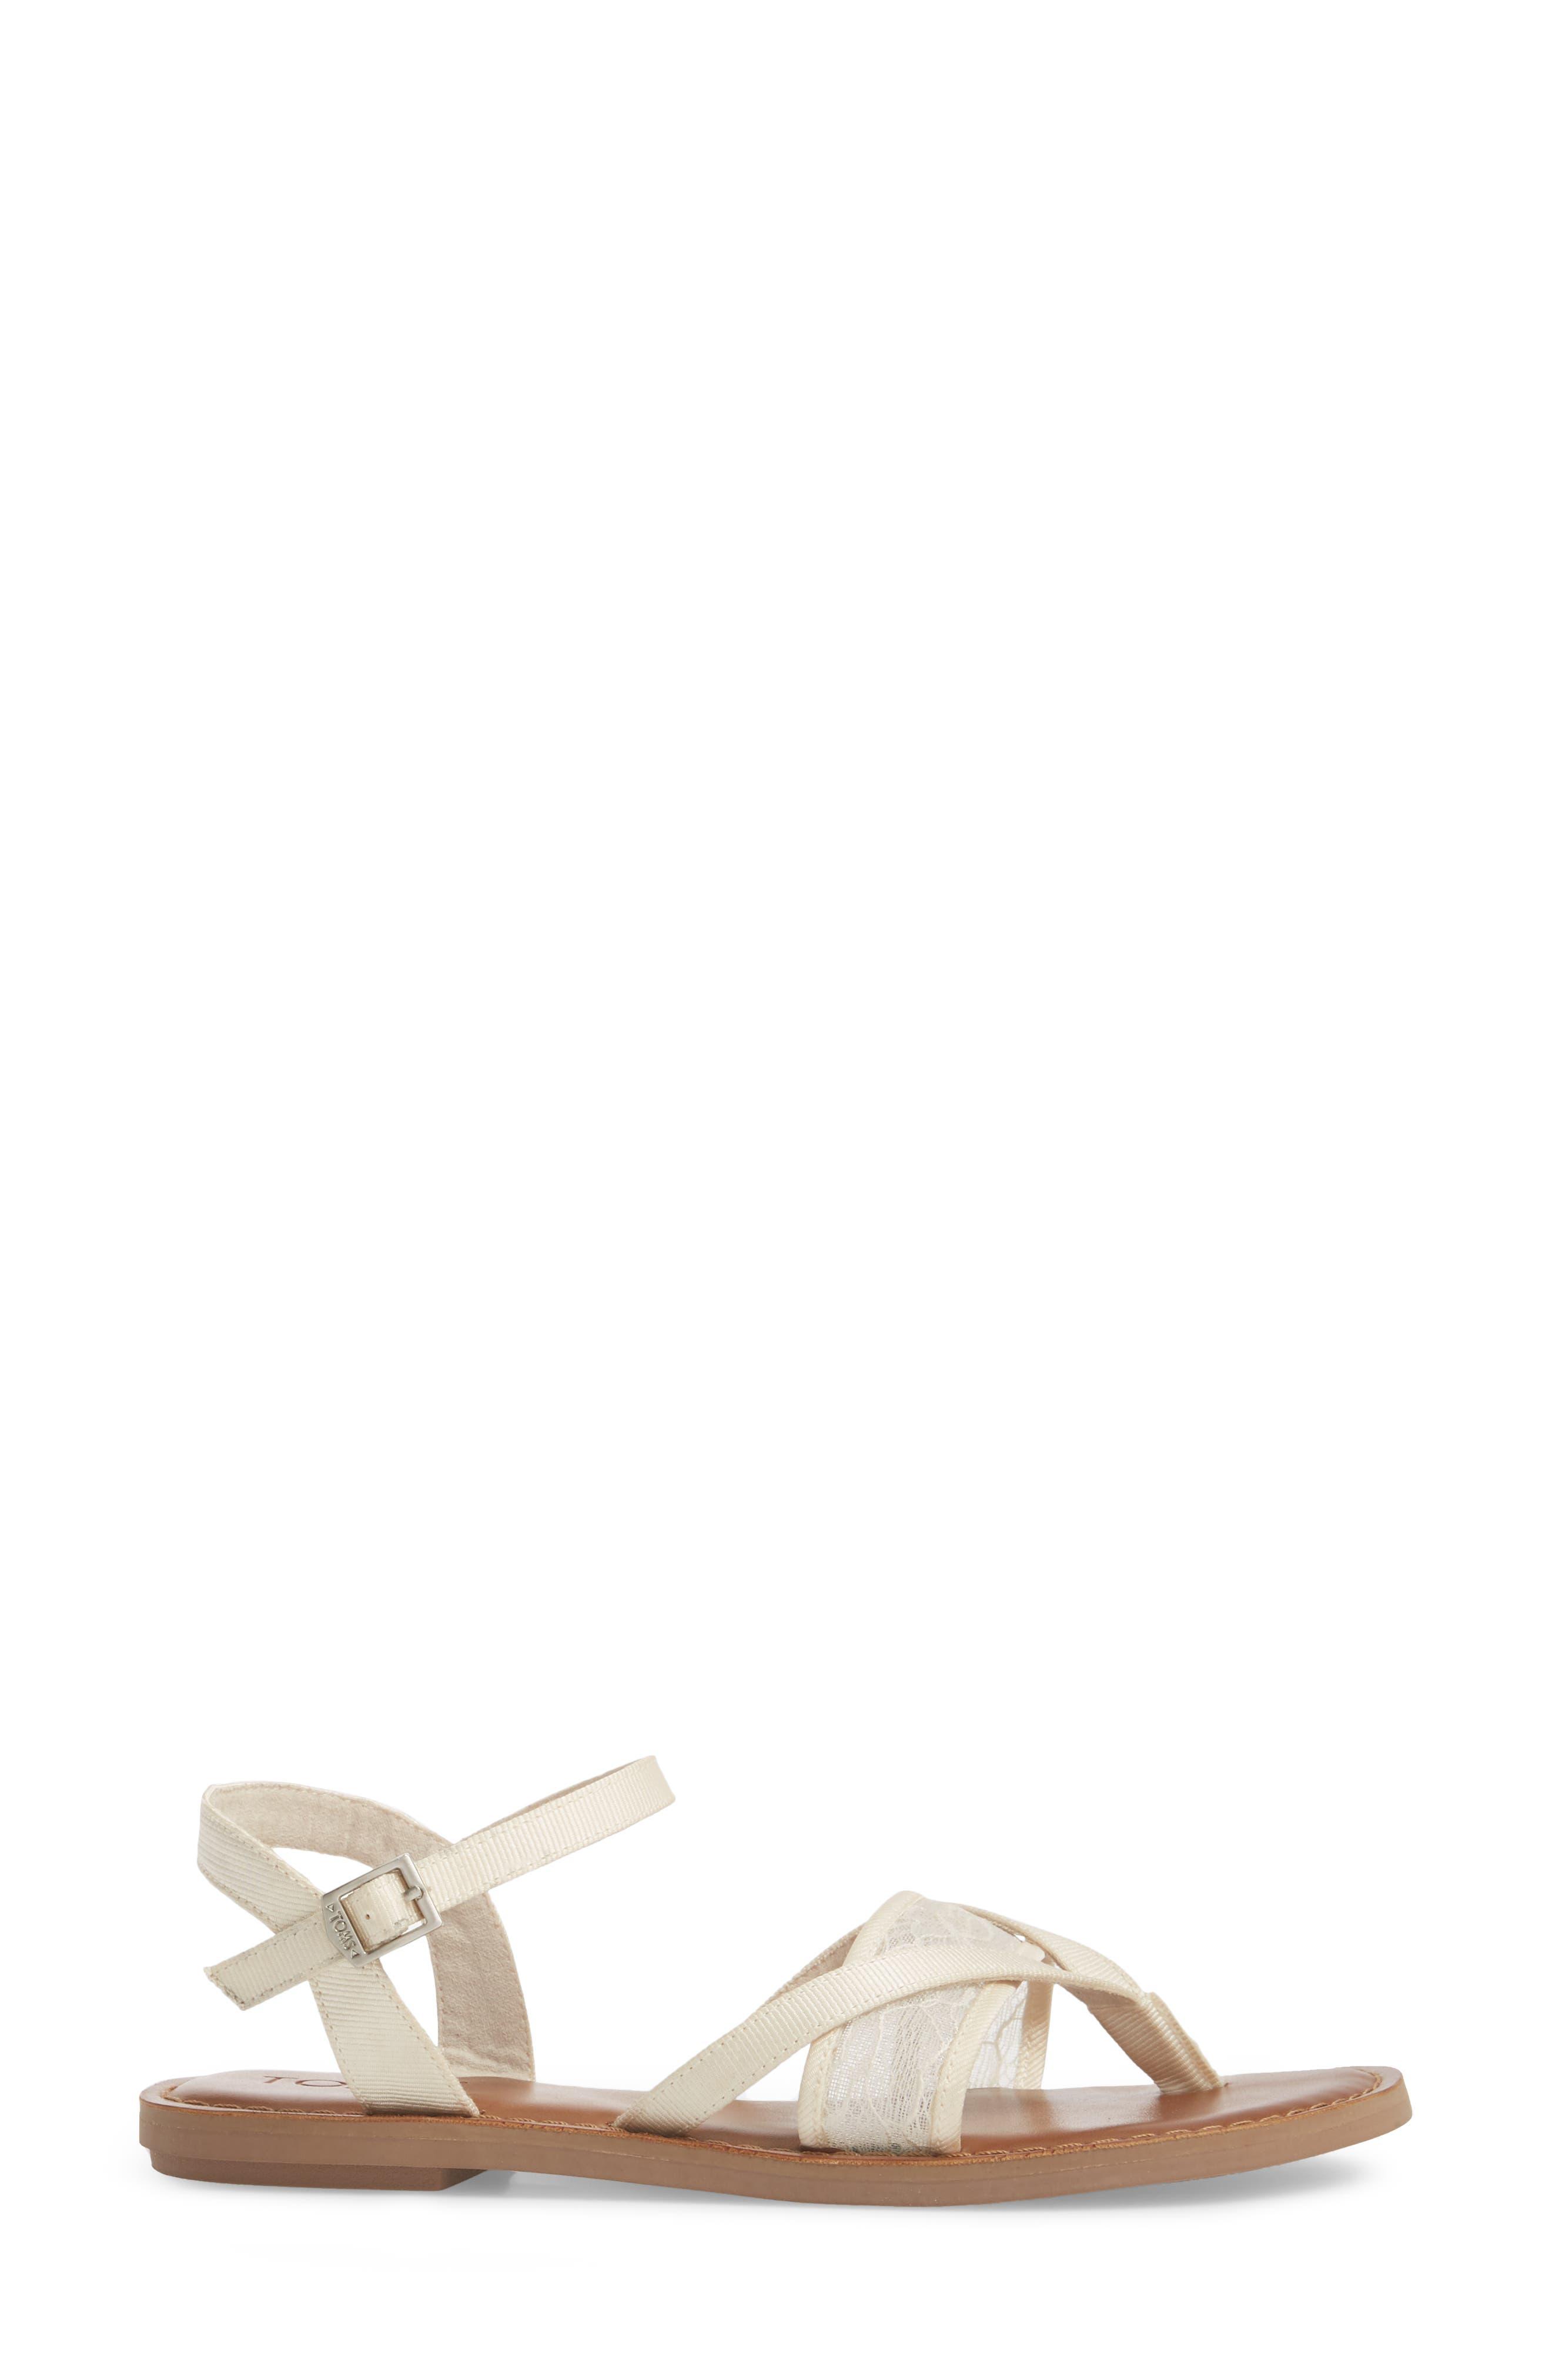 Alternate Image 3  - TOMS 'Lexie' Sandal (Women)